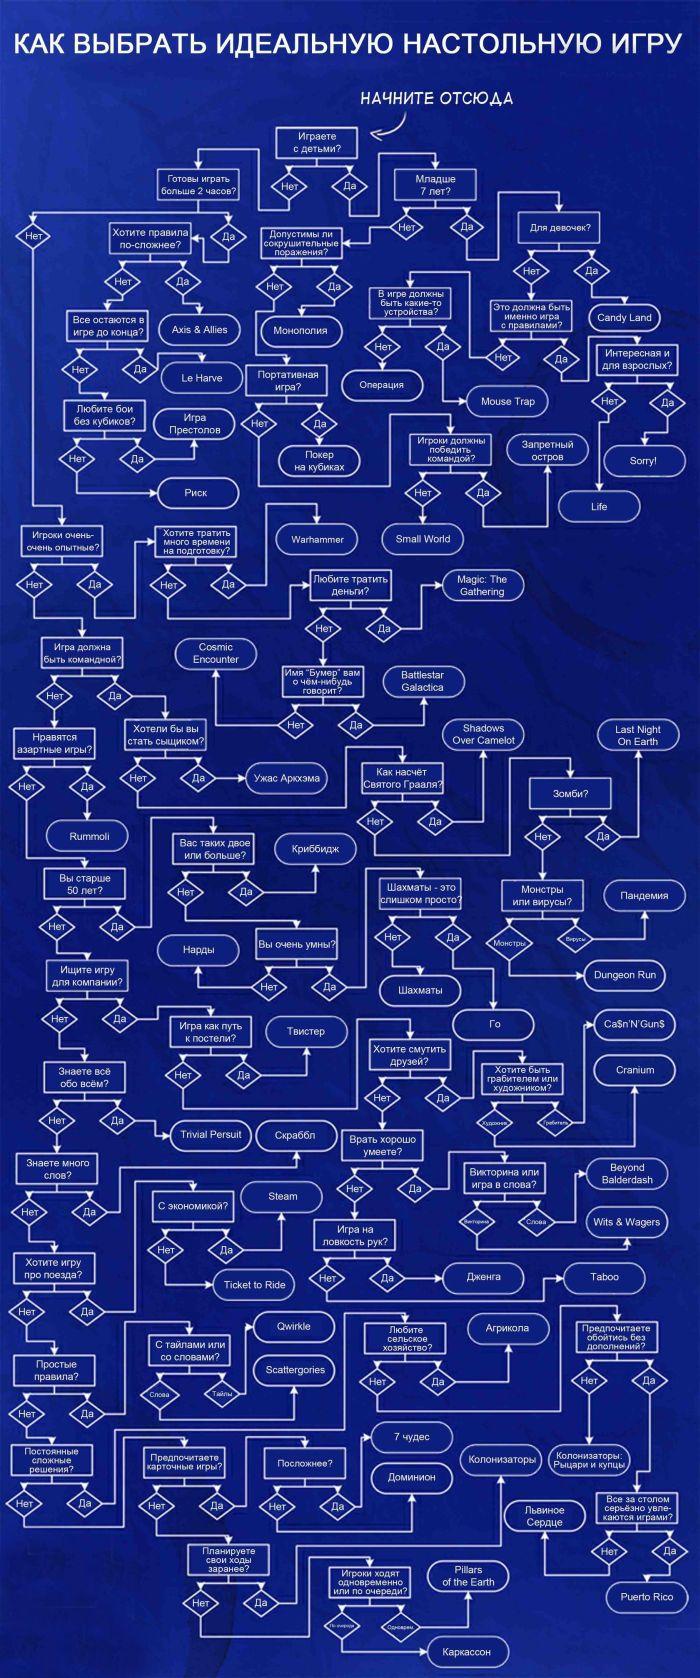 Как выбрать подходящую настольную игру (1 картинка)